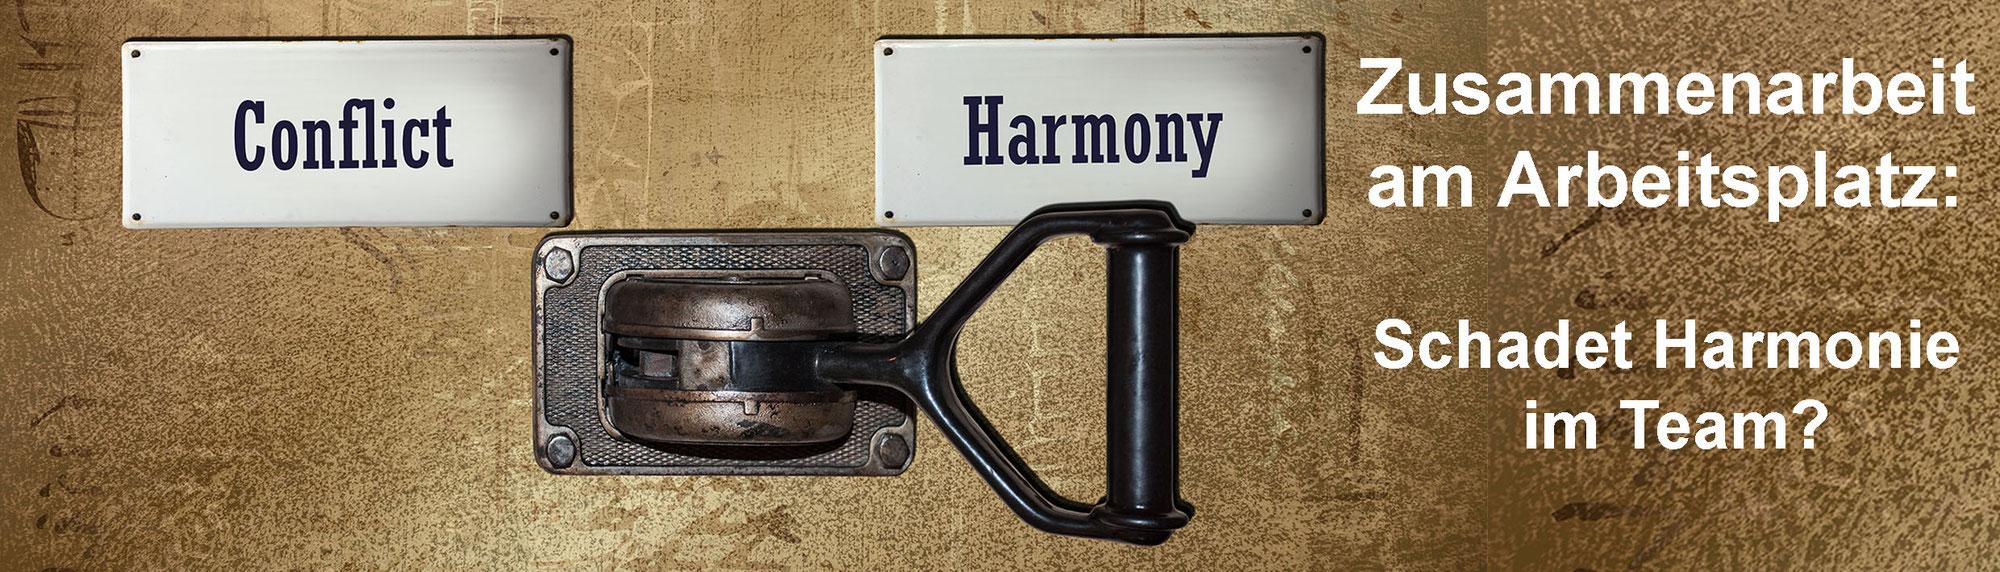 Zusammenarbeit am Arbeitsplatz: Schadet Harmonie im Team?